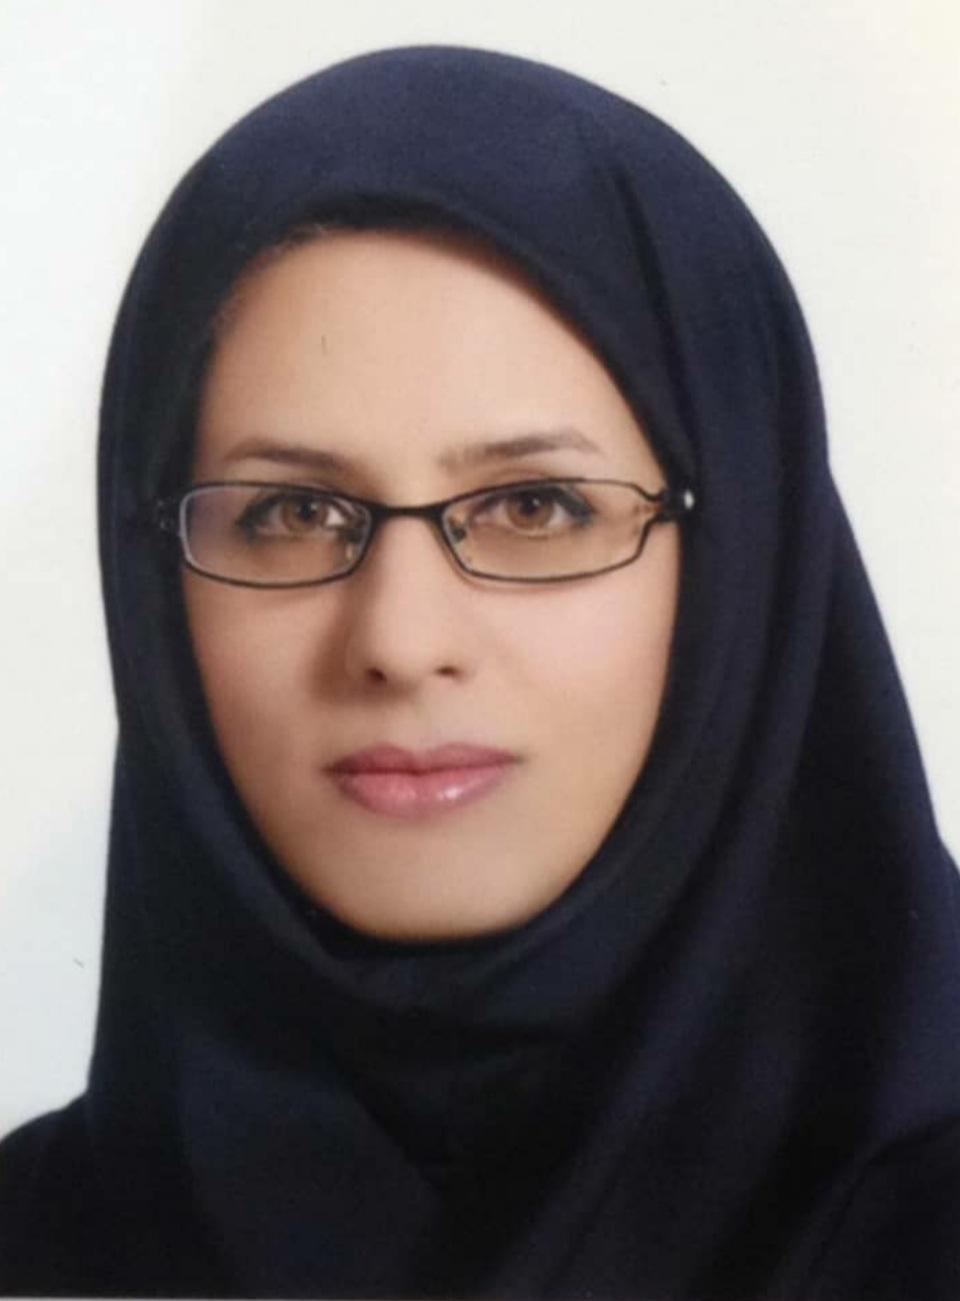 خانم ندا احمدیان - حسابداری کاربردی